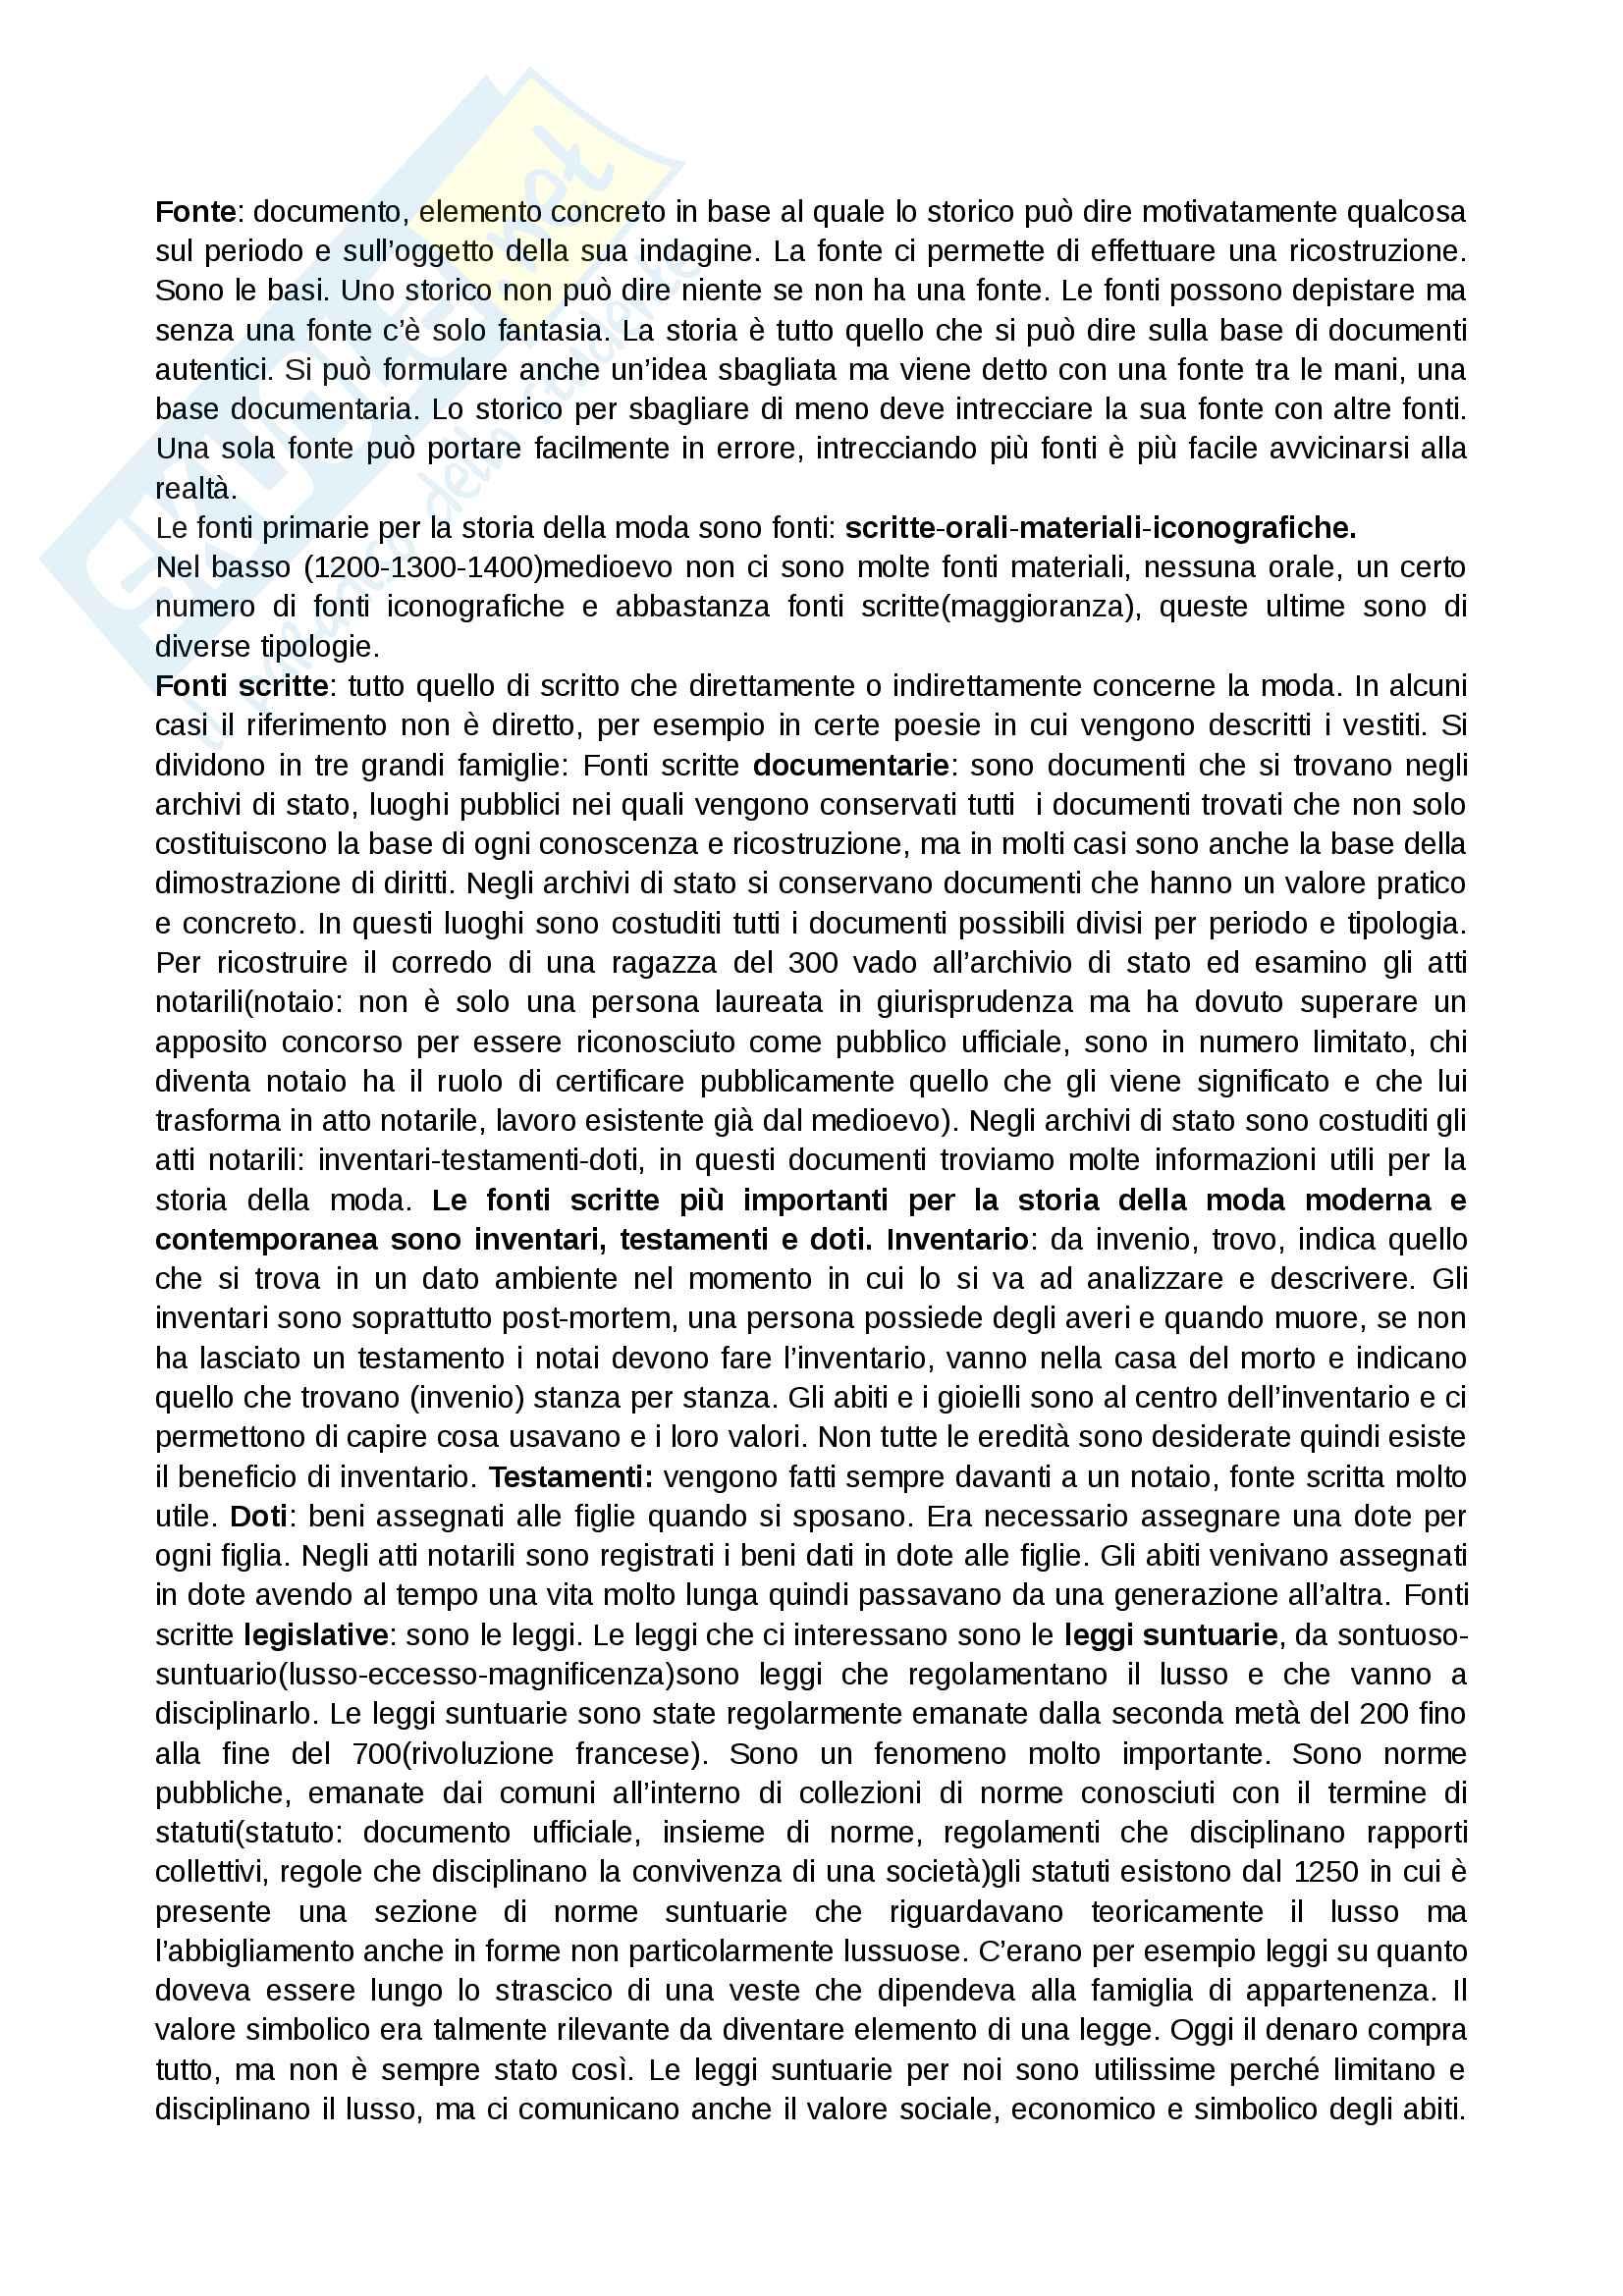 Storia del costume e della moda, prof.ssa Muzzarelli, appunti e descrizioni immagini